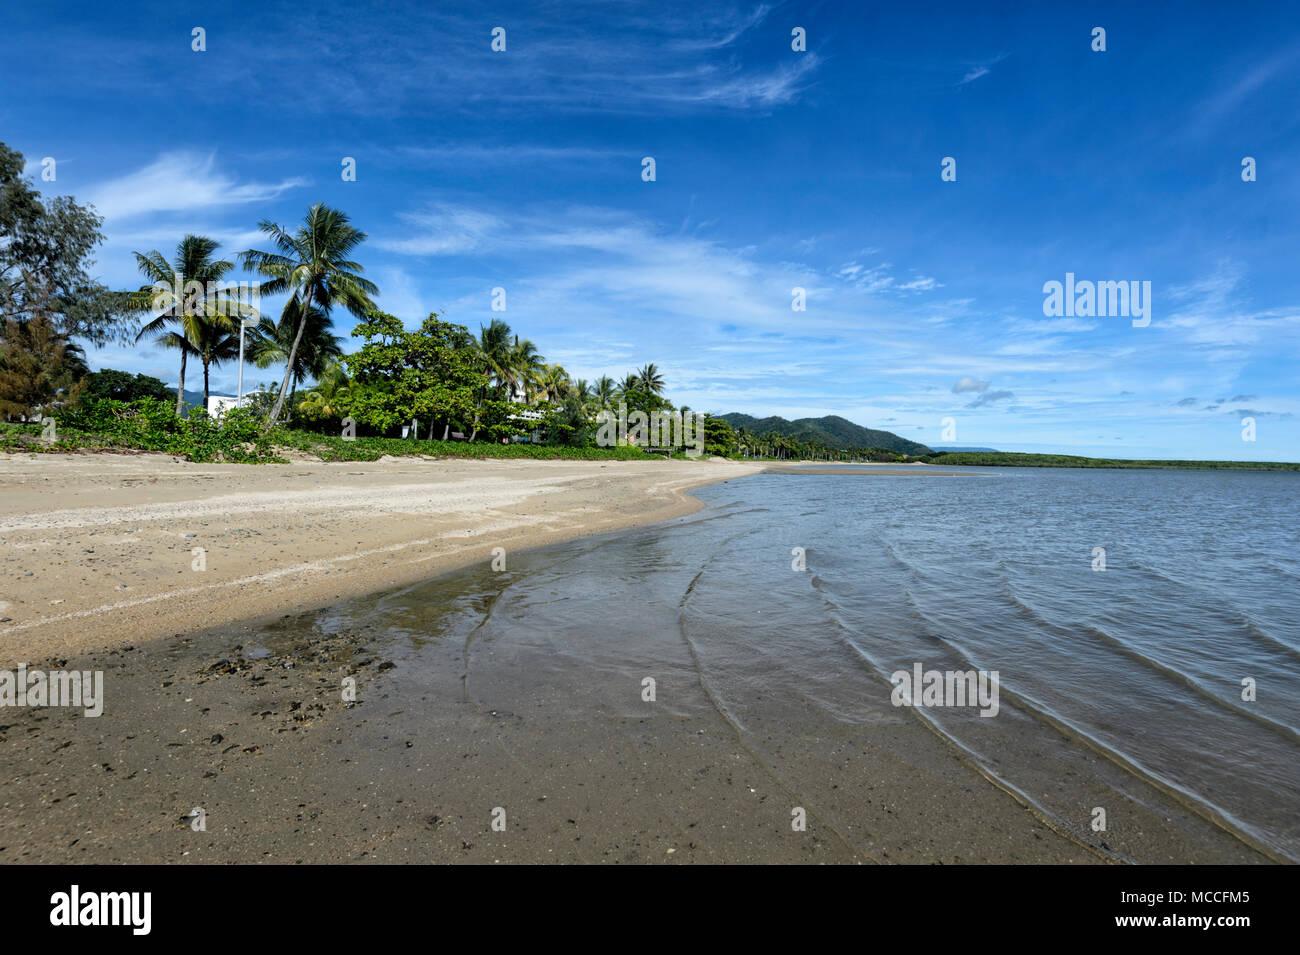 Plage de sable fin dans le centre de Cairns, l'extrême nord du Queensland, Australie, Queensland, FNQ Photo Stock